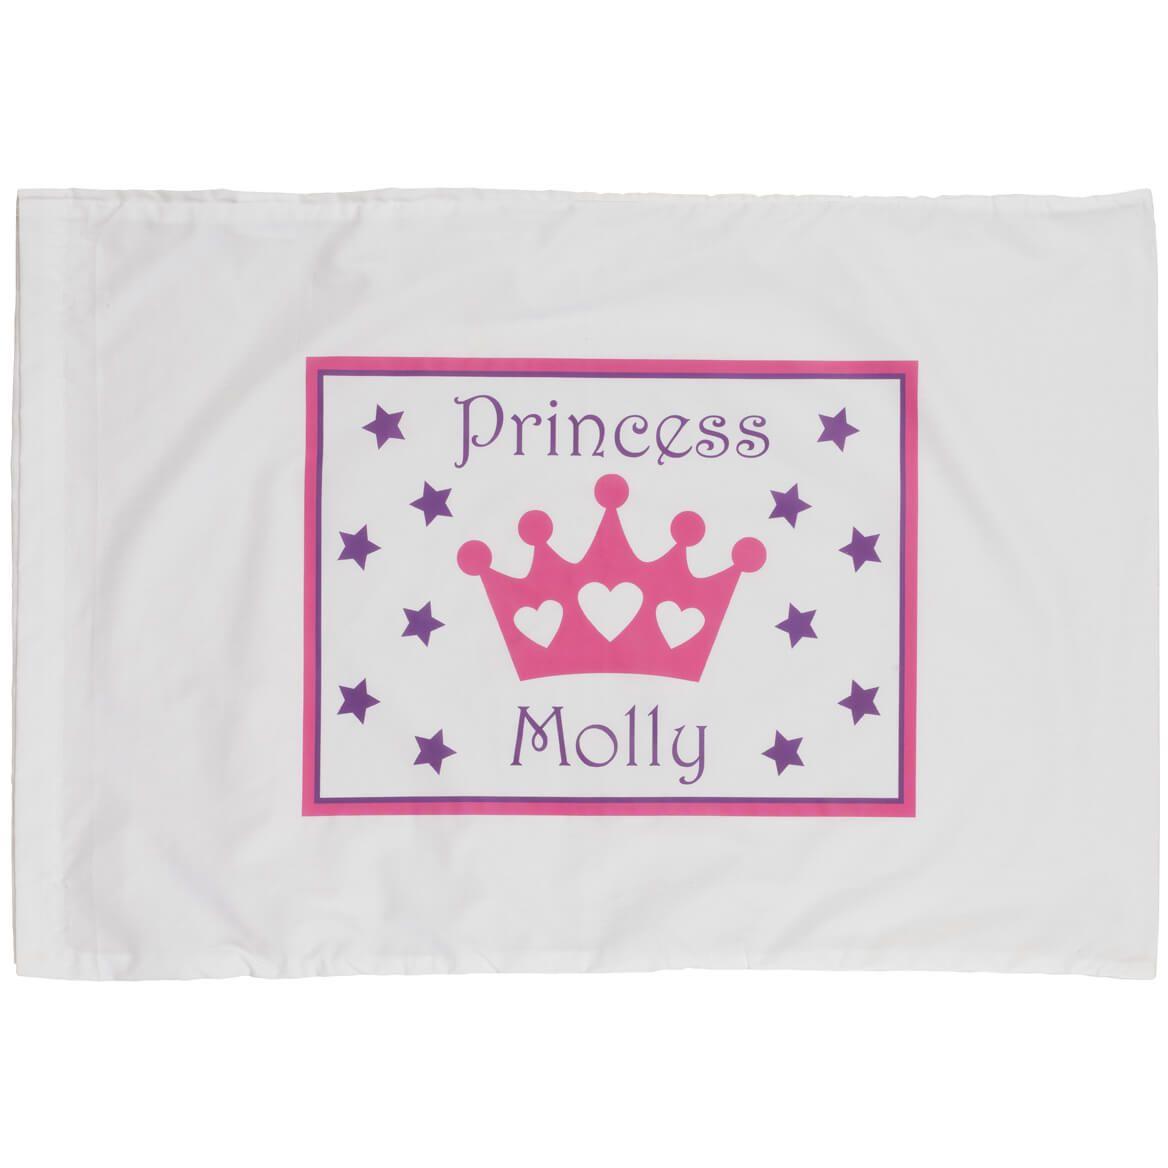 Personalized Princess Crown Pillowcase-347263